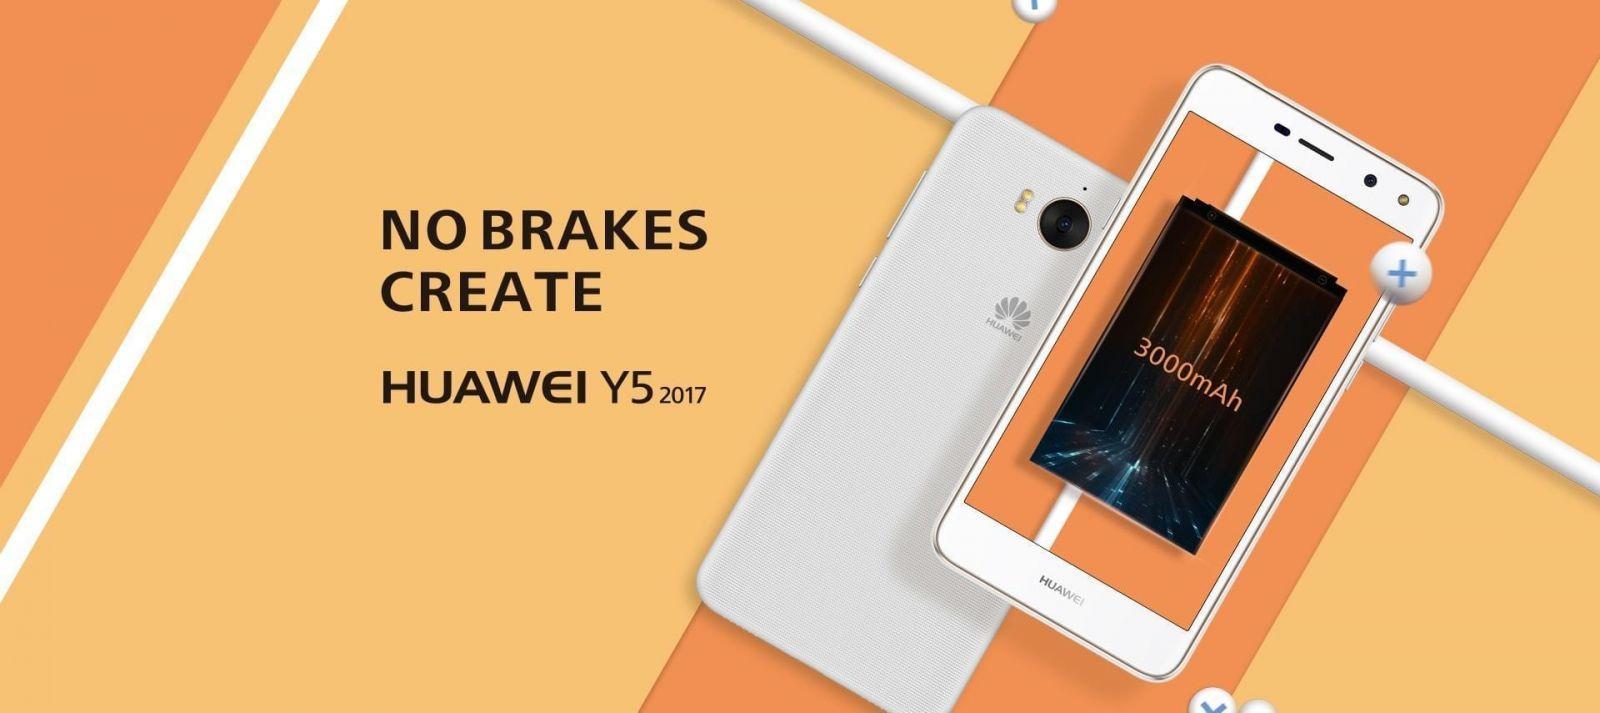 Huawei представил молодёжный смартфон Y5 (y5201701)